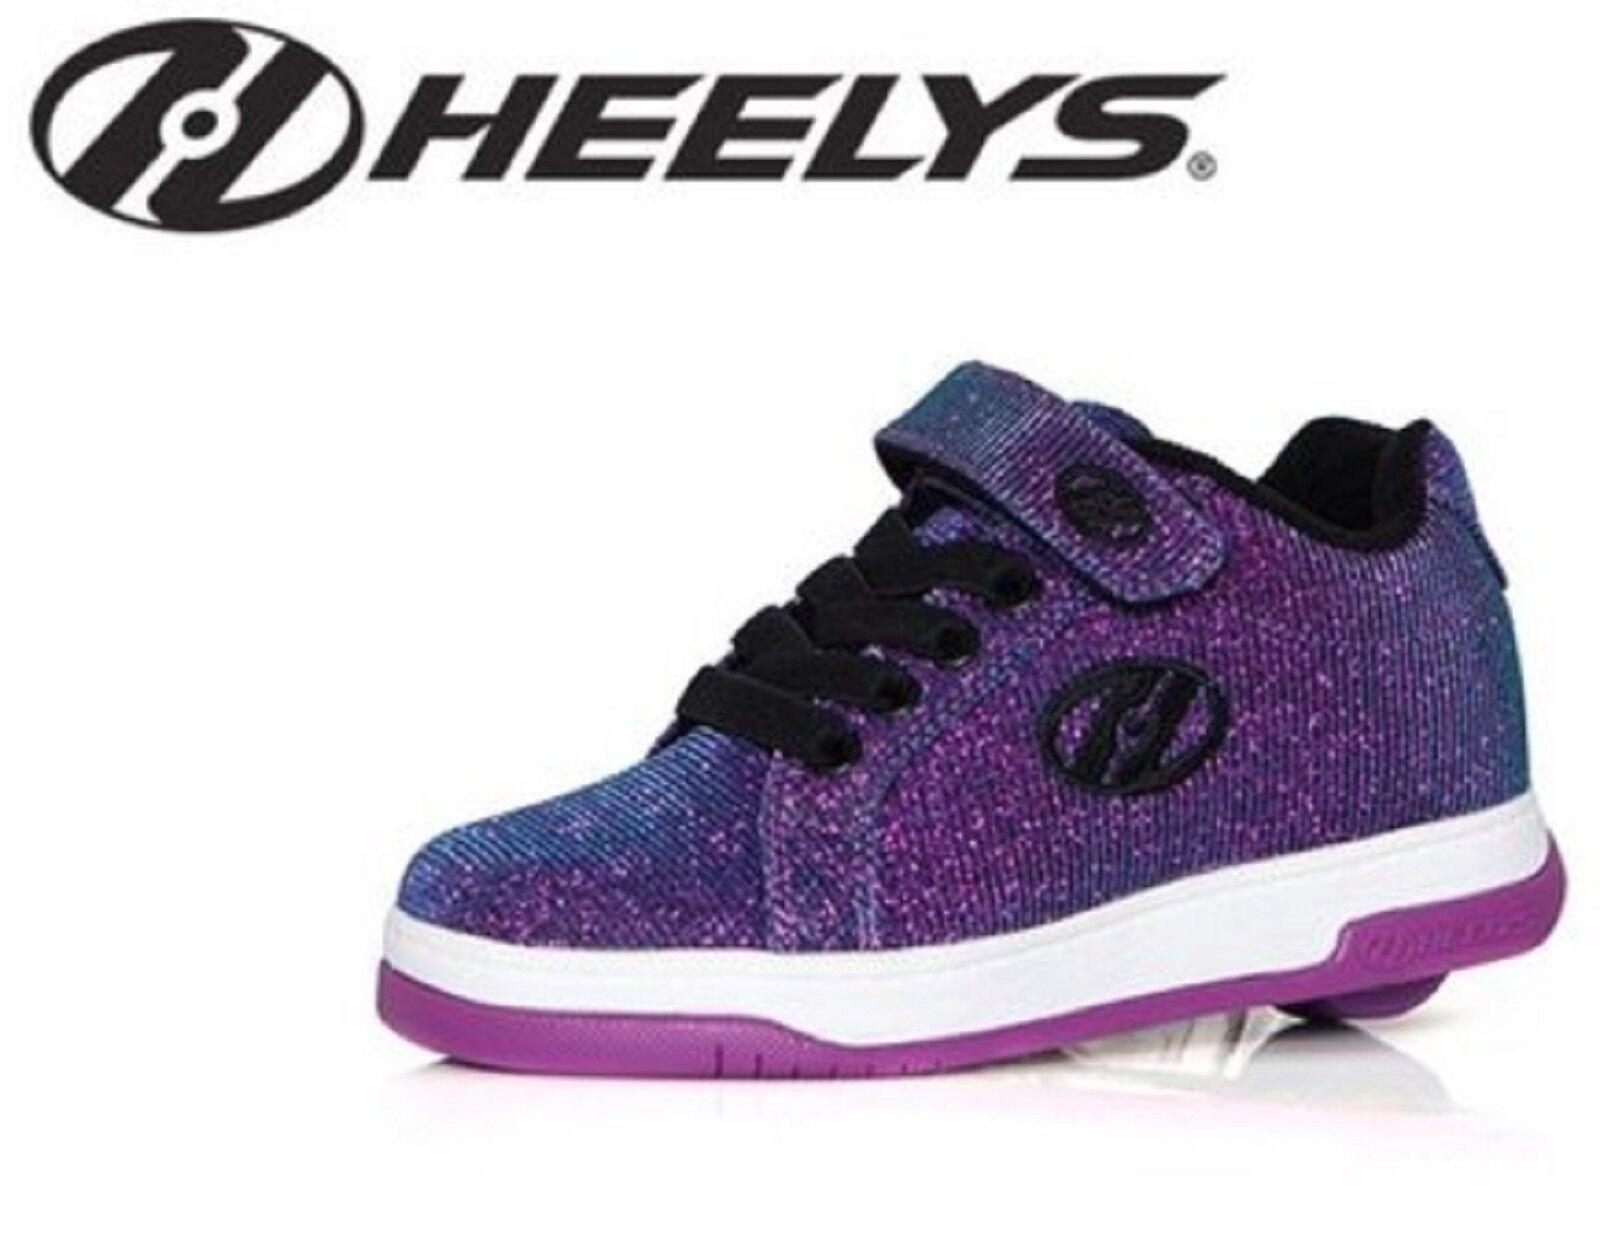 HEELYS SPLIT GIRLS lila AQUA GIRLS SPLIT BOYS ROLLER SKATE Schuhe TRAINER HES10121 21f05b